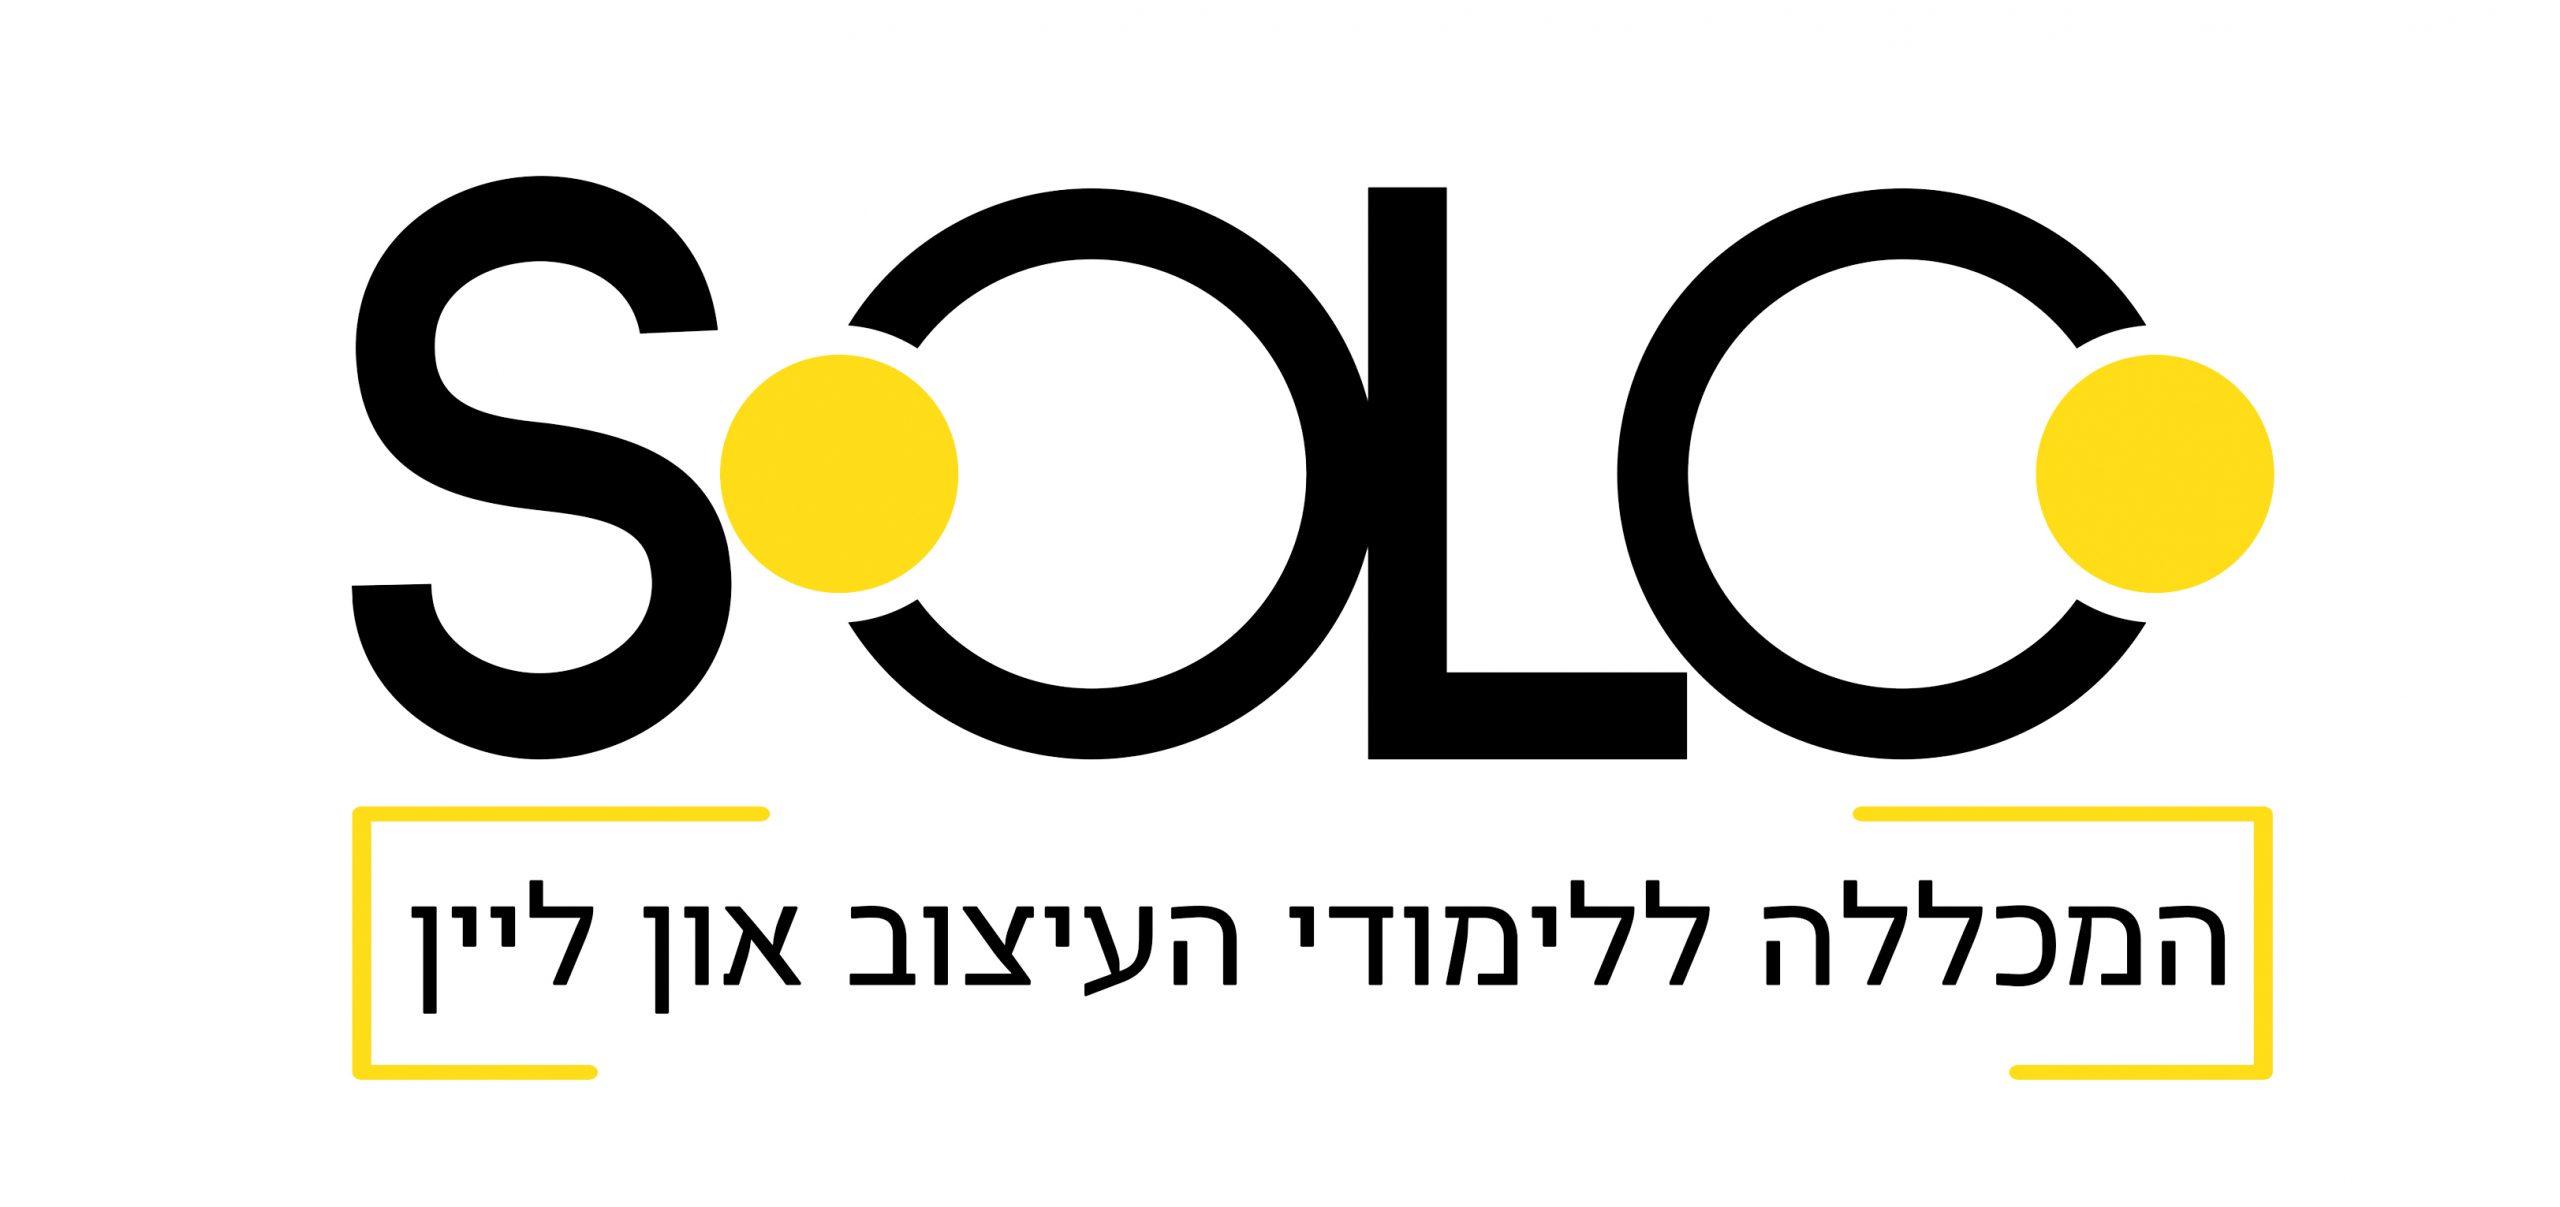 מכללת סולו – לימודי עיצוב גרפי – גרפיקה להייטק אונליין